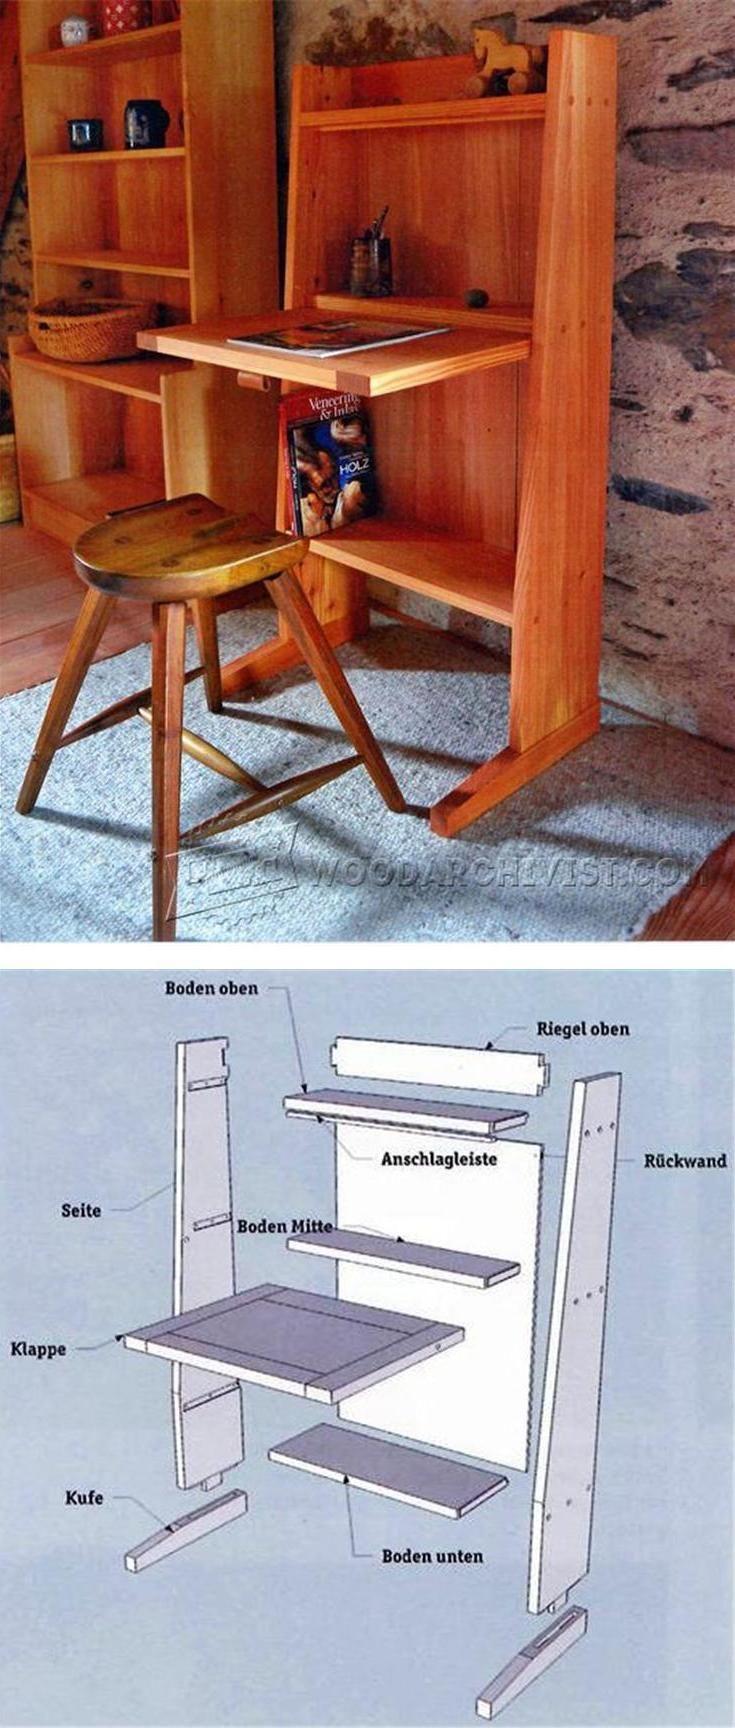 Activity Desk Plans - Children's Furniture Plans and Projects | WoodArchivist.com